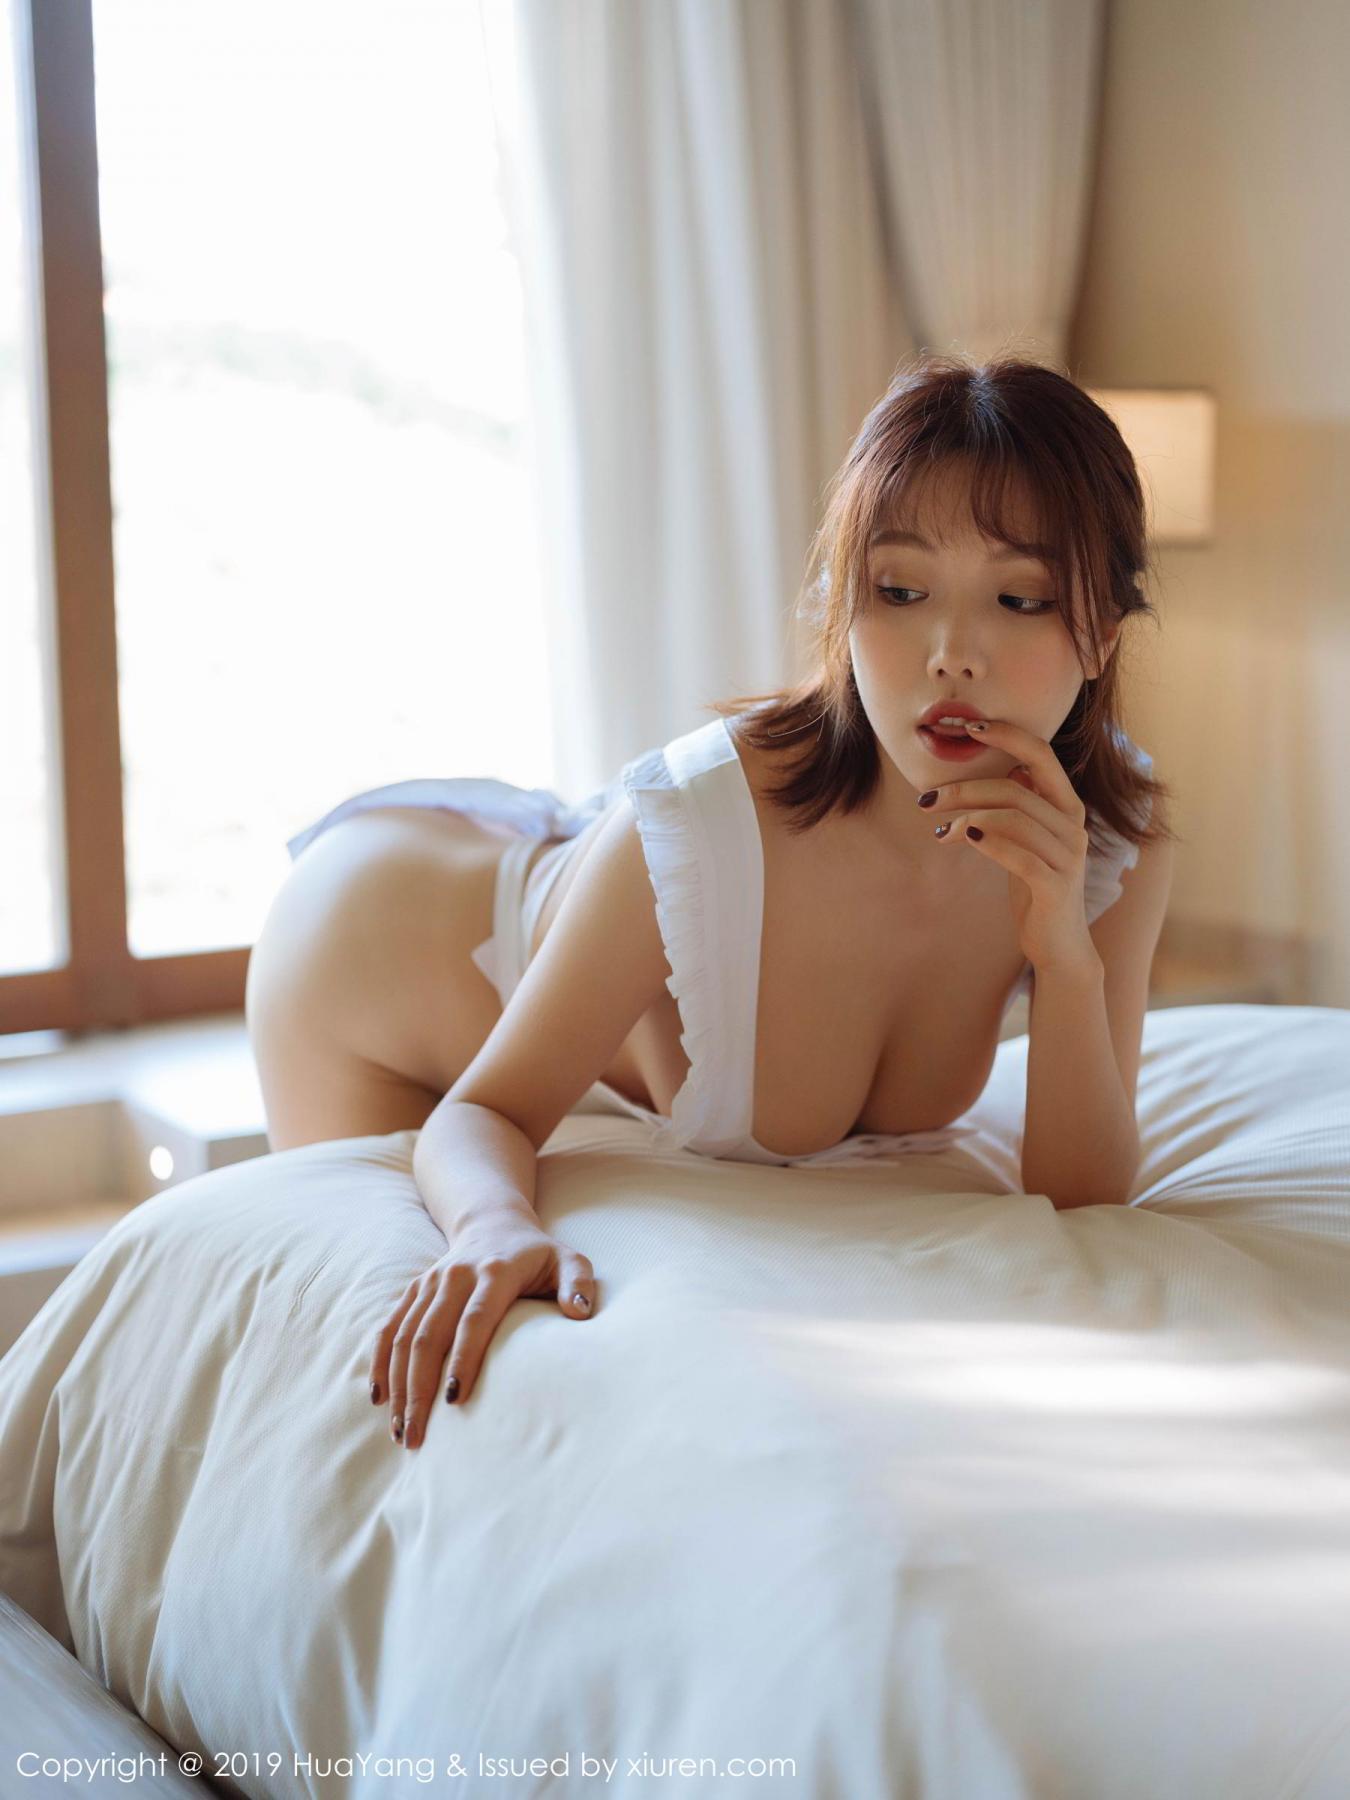 [Huayang] Vol.134 Huang Le Ran 22P, Huang Le Ran, HuaYang, Maid, Sexy